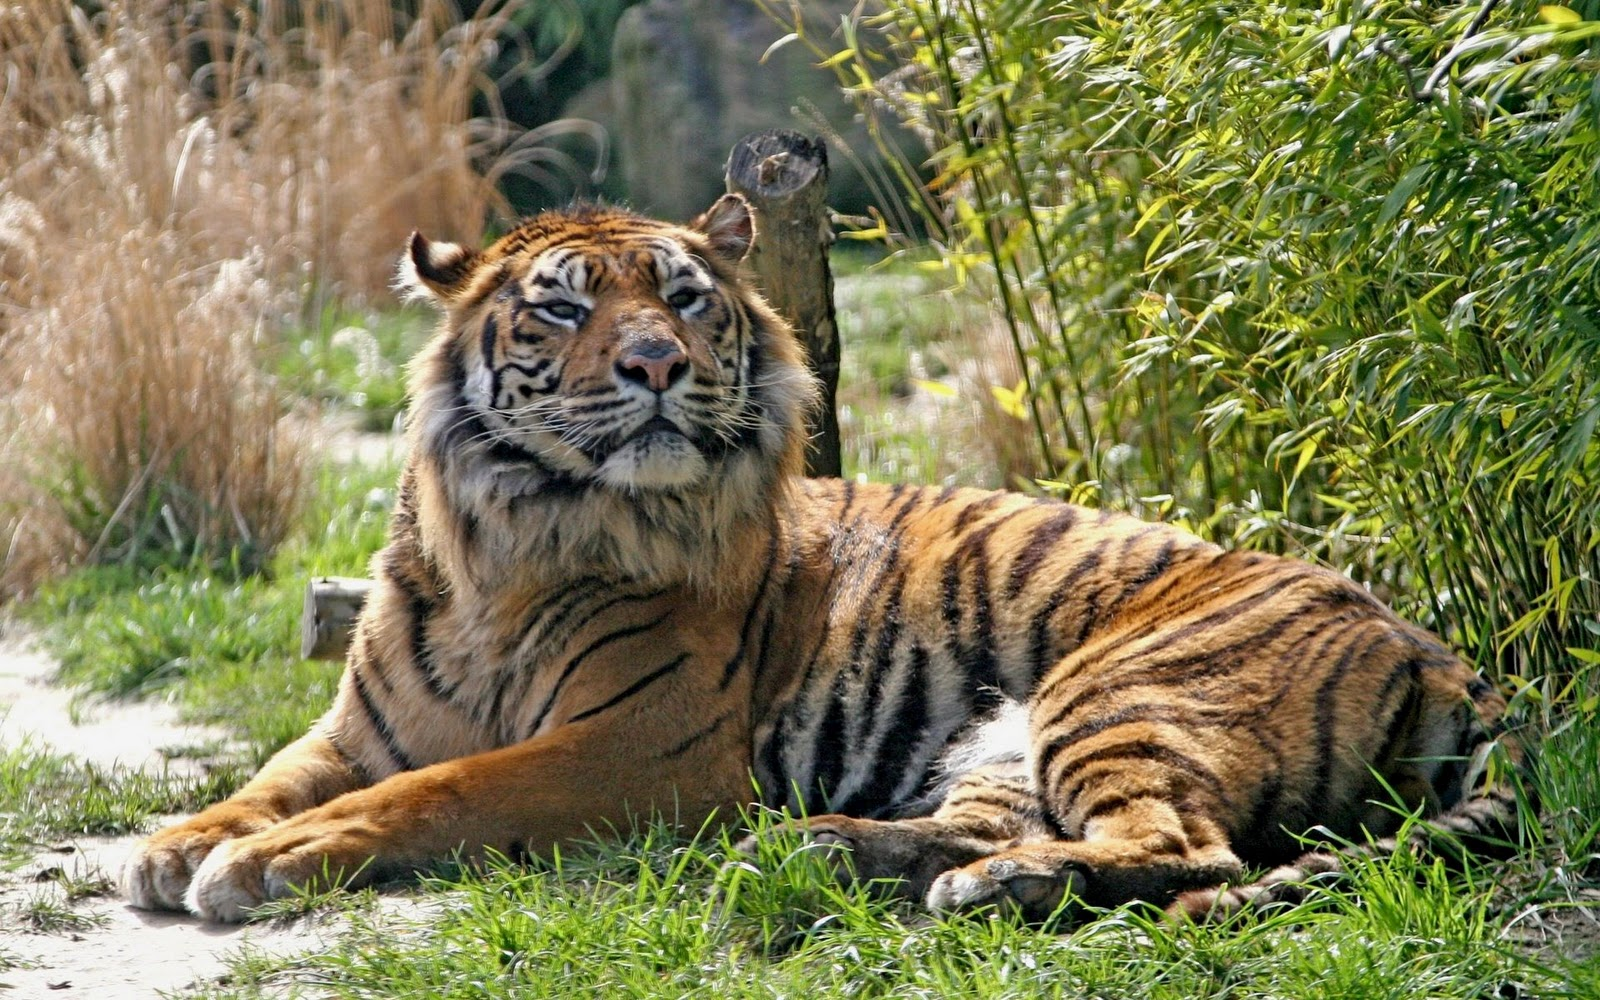 Kumpulan Gambar Sketsa Harimau Dan Singa